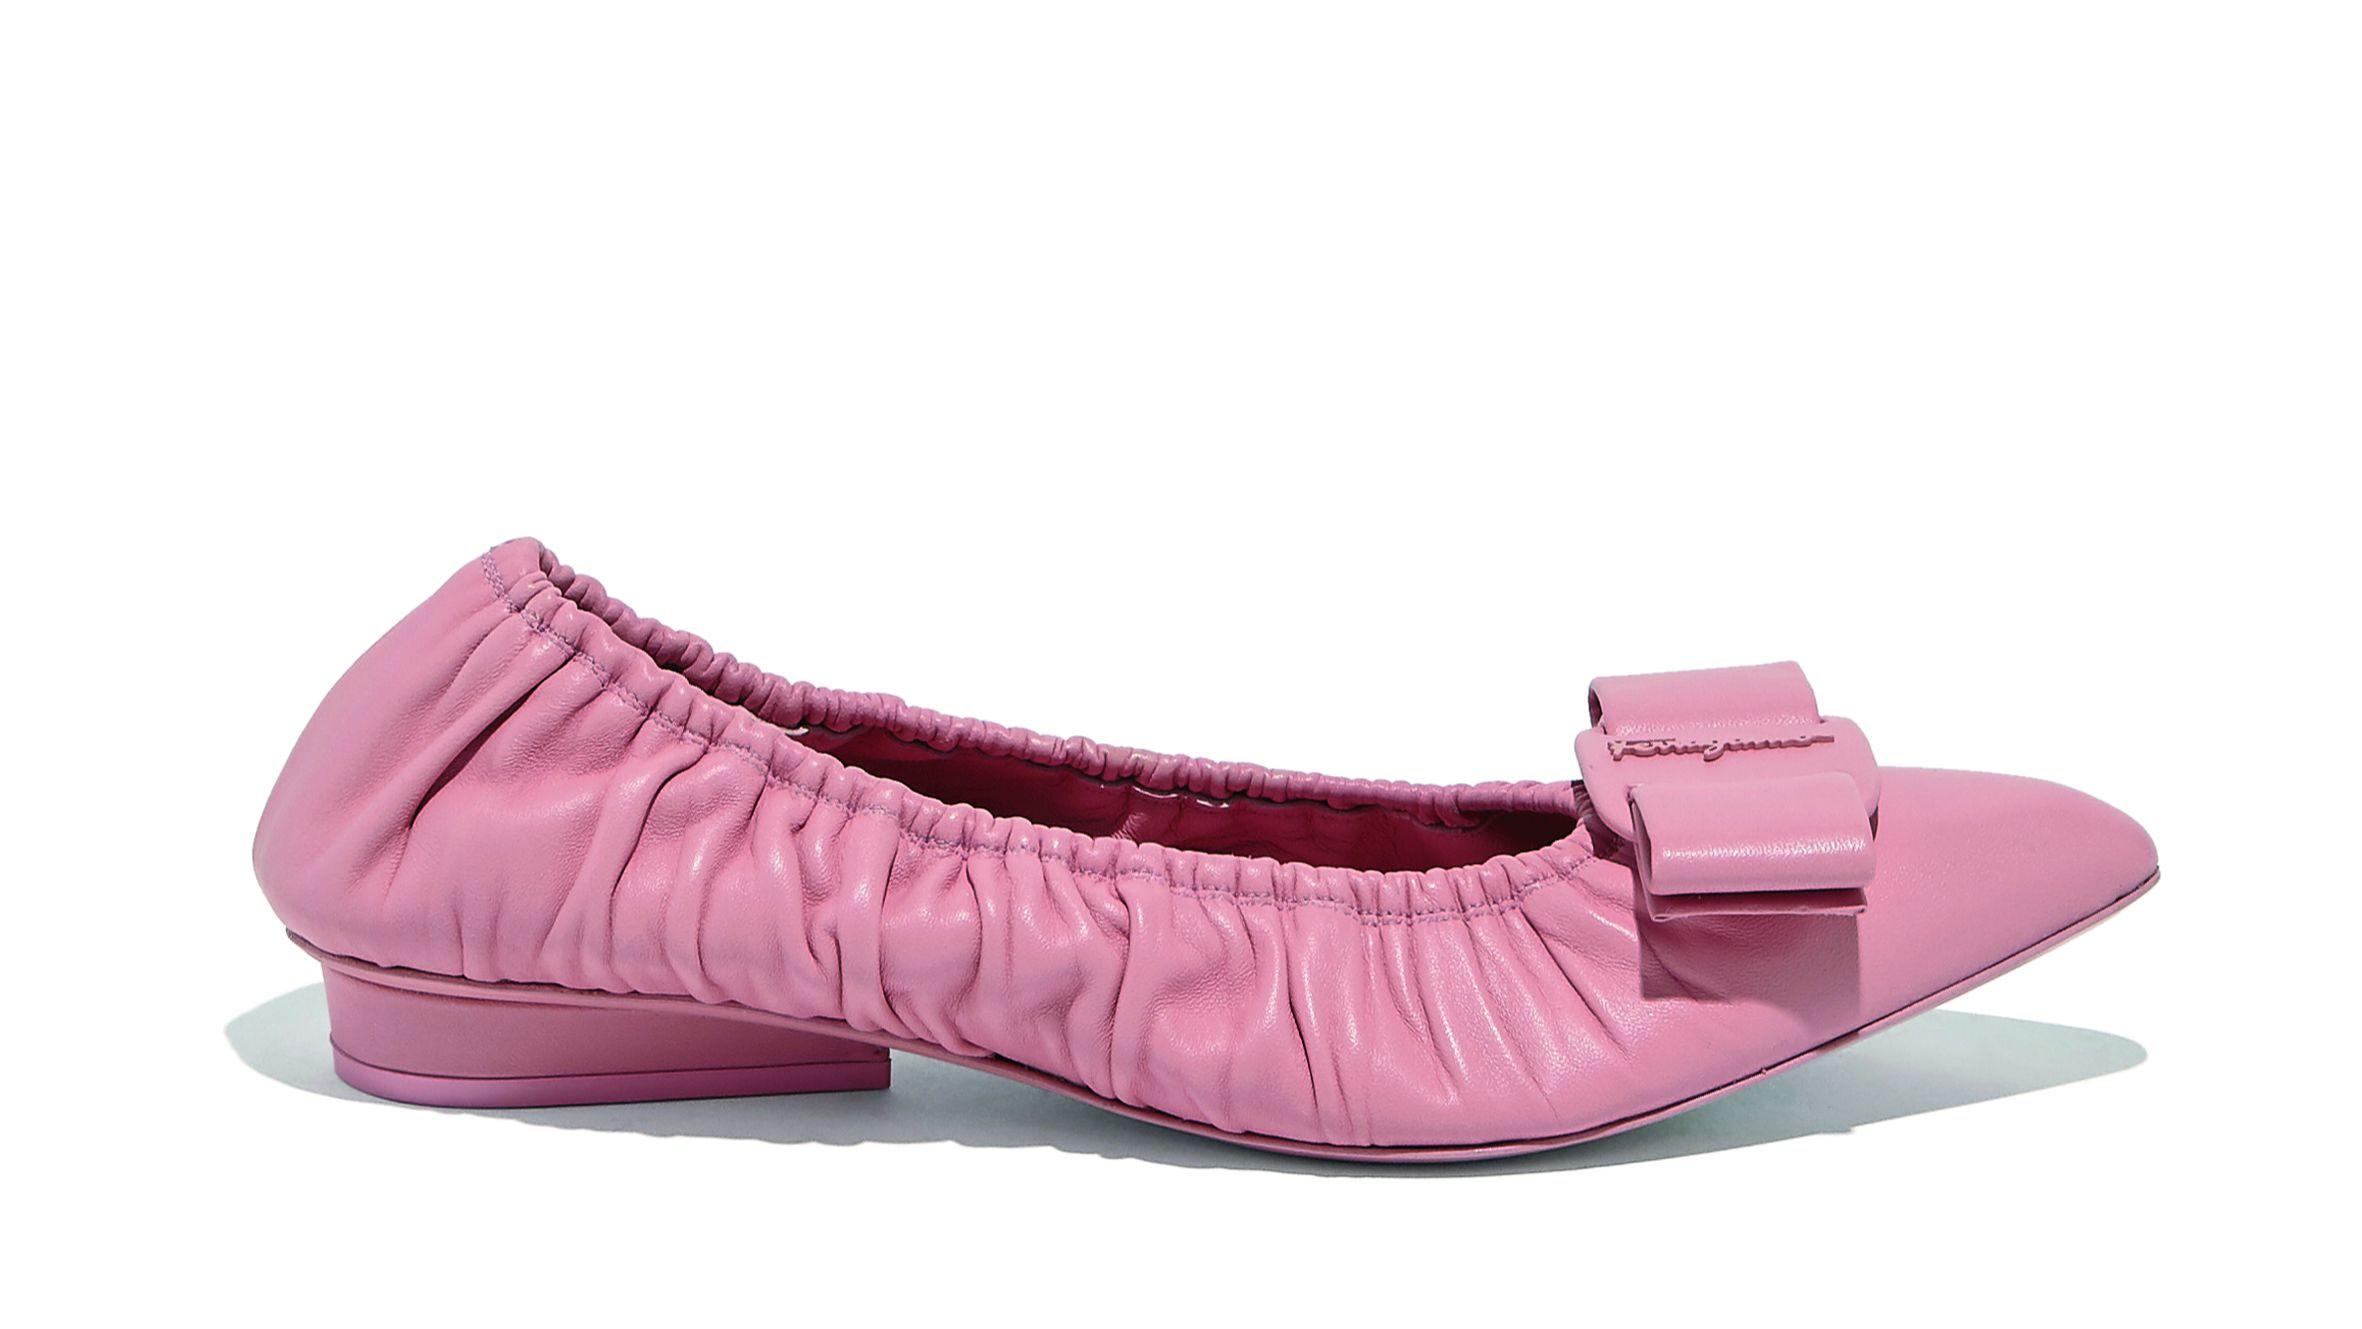 421adcd9 6b78 4192 bfd4 df8cec2d956b - Salvatore Ferragamo presenta la campaña del zapato 'VIVA'